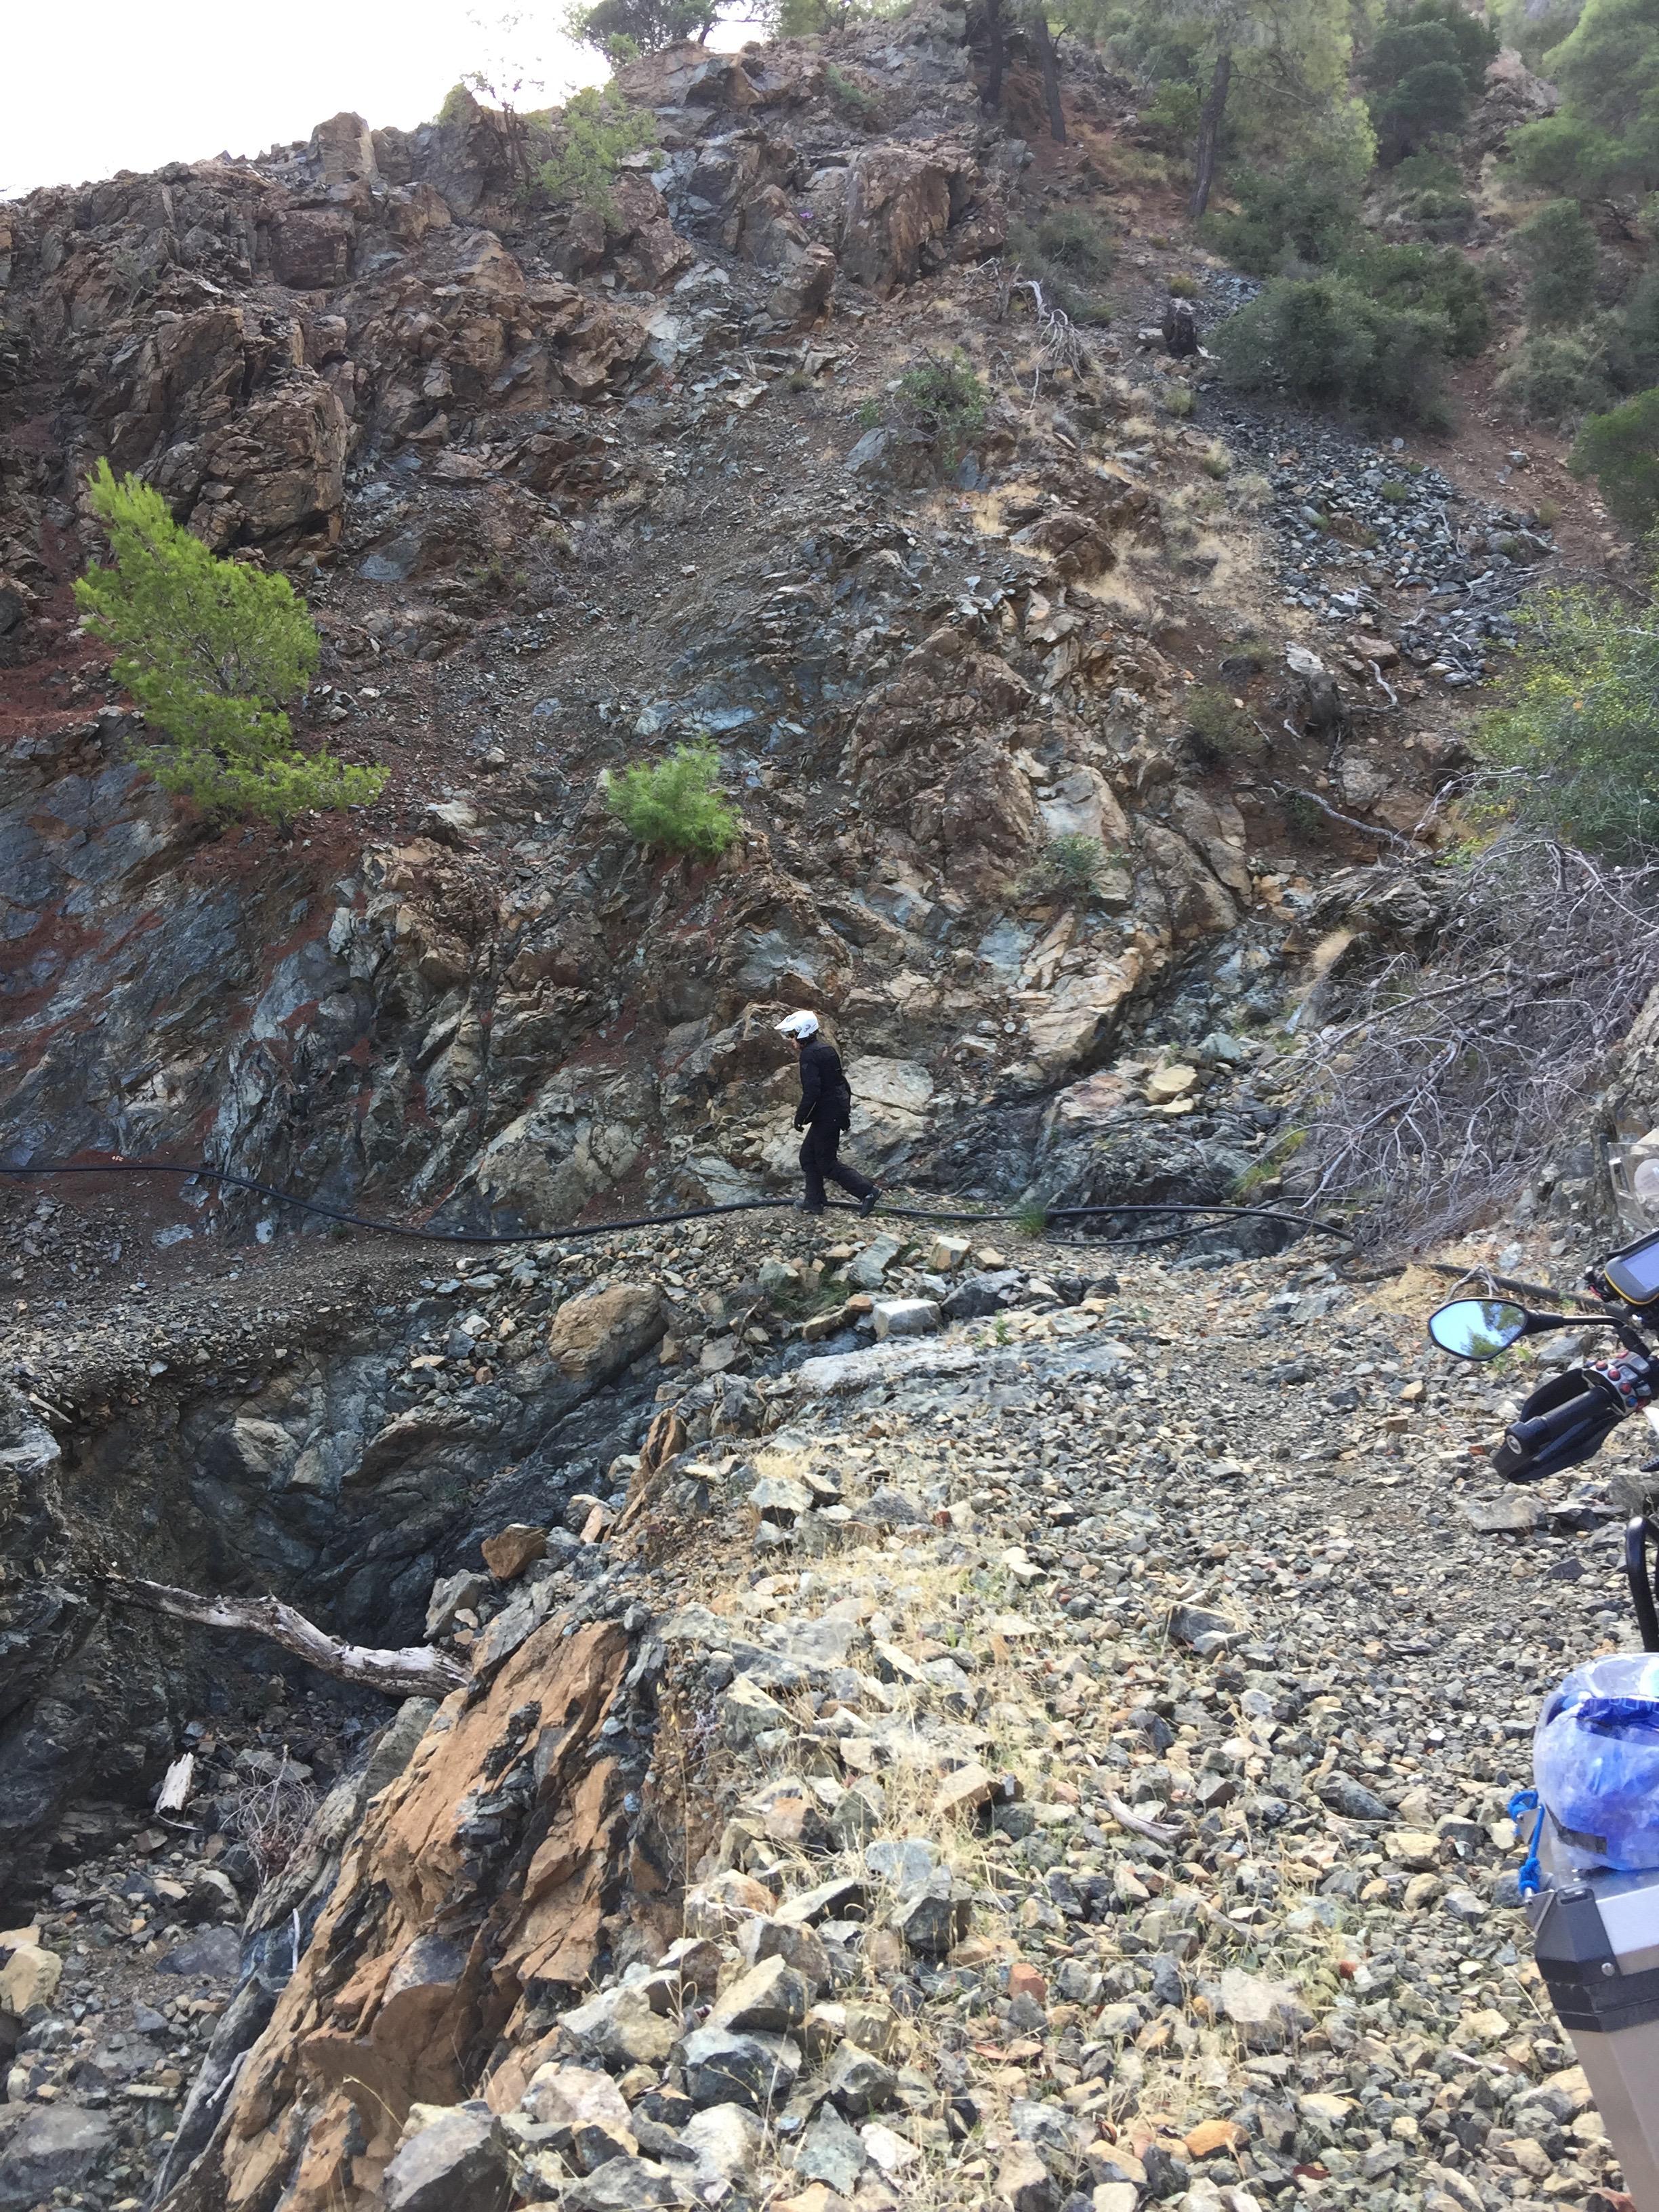 Grèce - Destination Météores par trail rando 161003041016967640